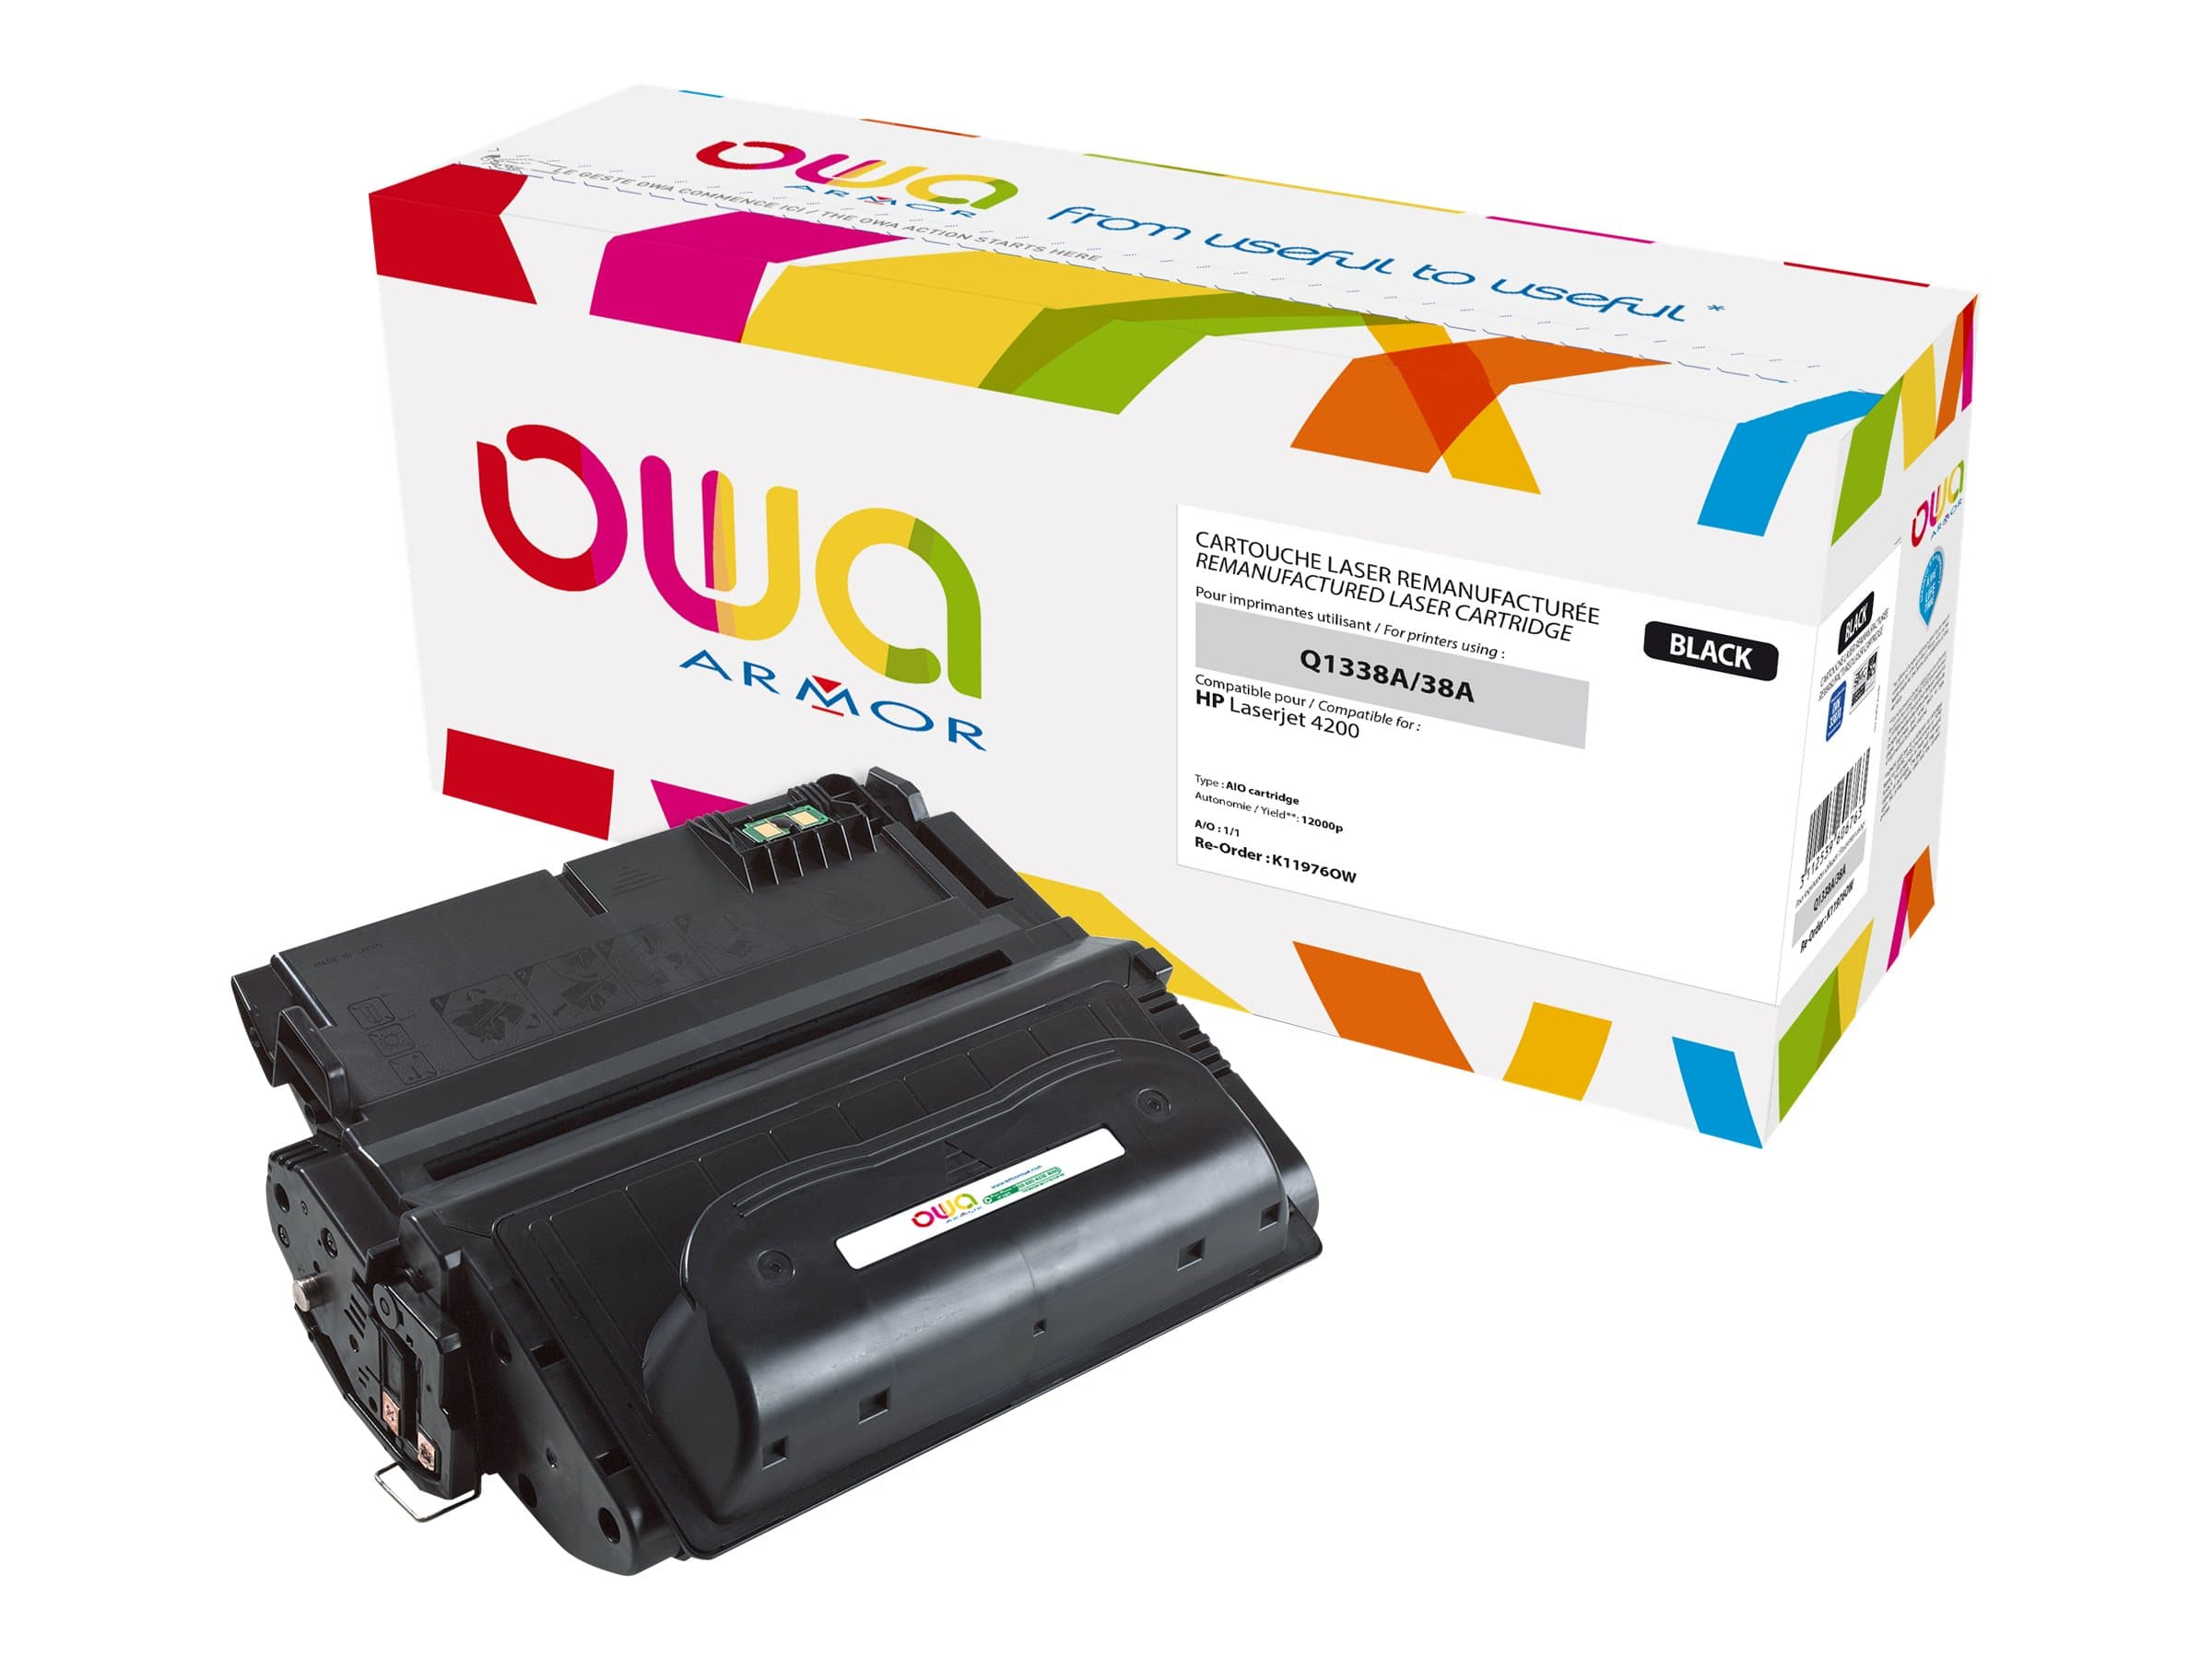 HP 38A - remanufacturé Owa K11976OW - noir - cartouche laser